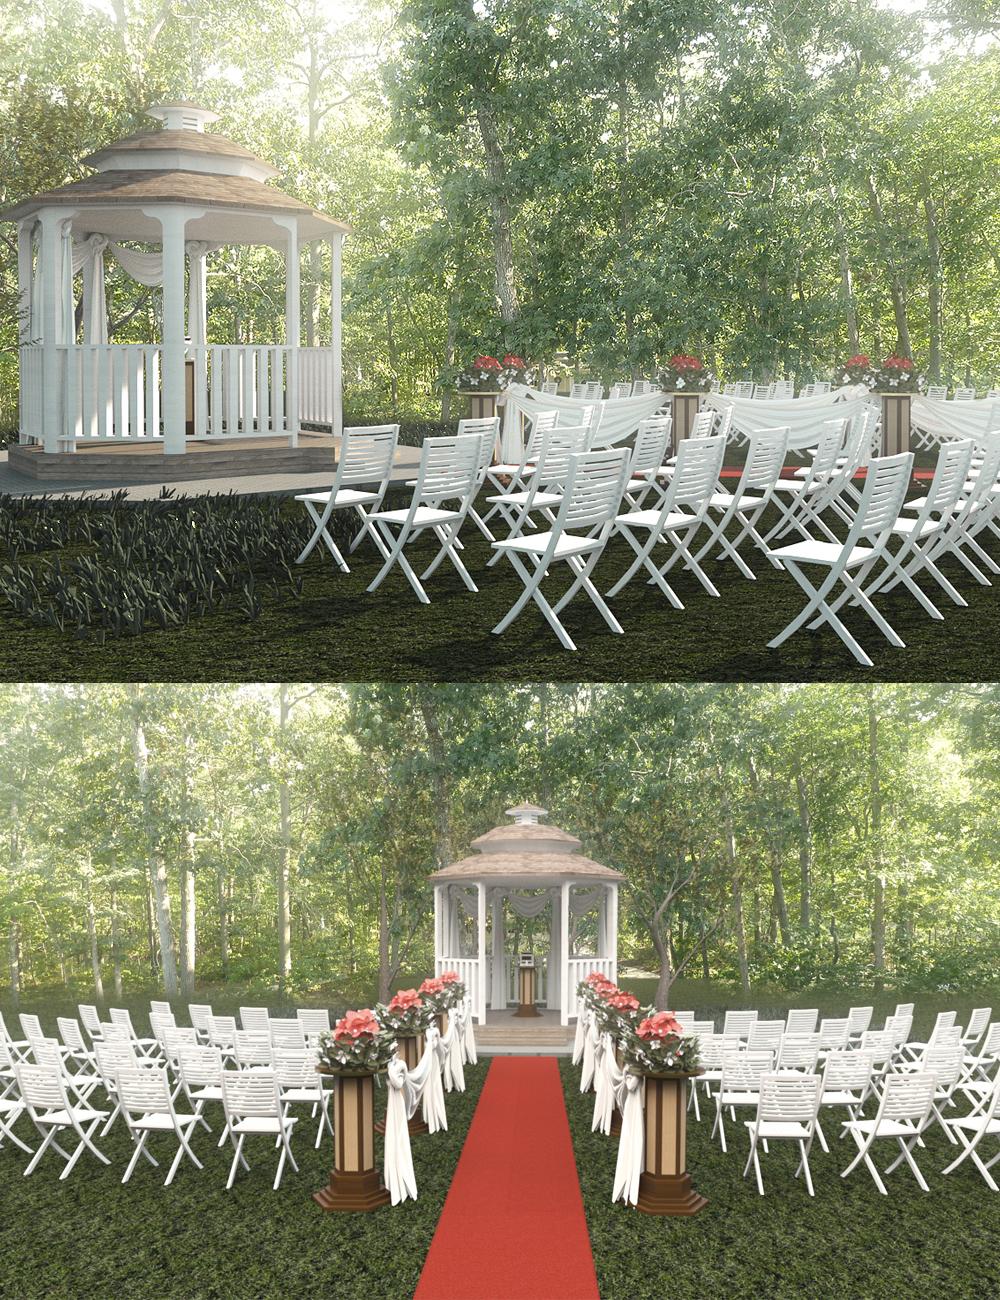 Garden Wedding by: Digitallab3D, 3D Models by Daz 3D